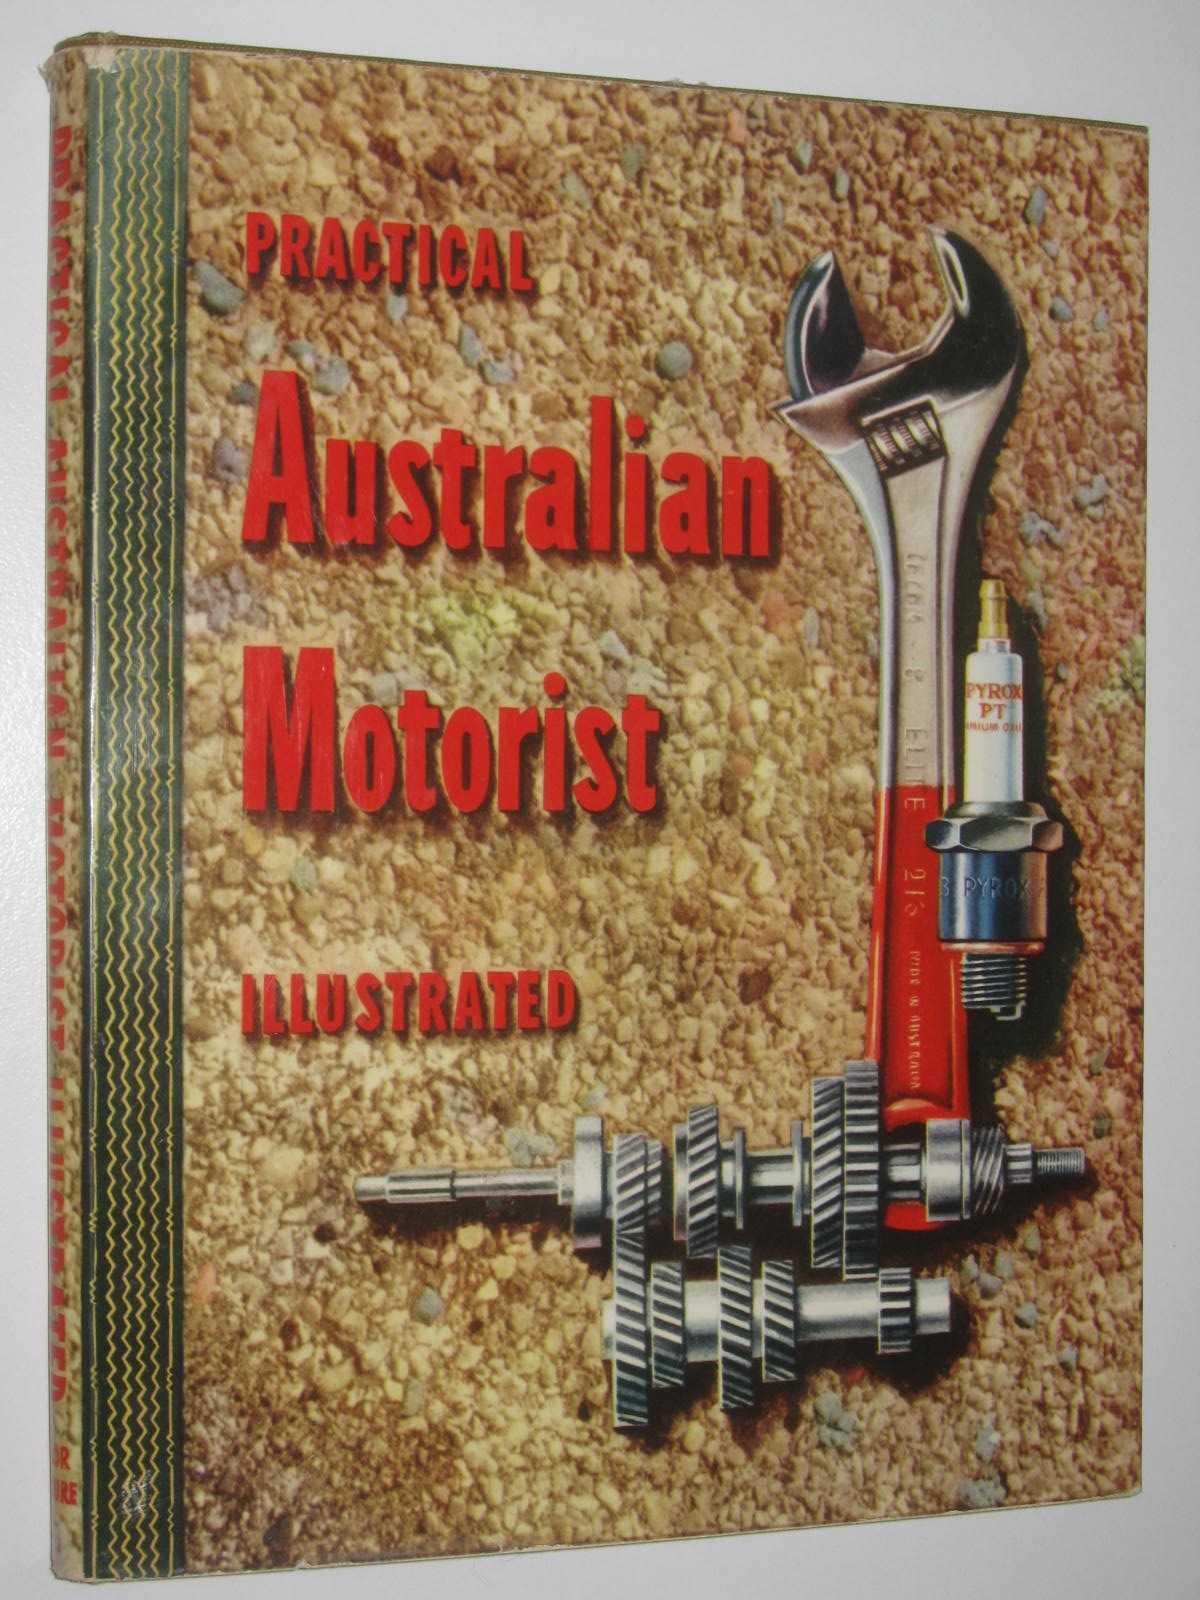 Image for Practical Australian Motorist Illustrated